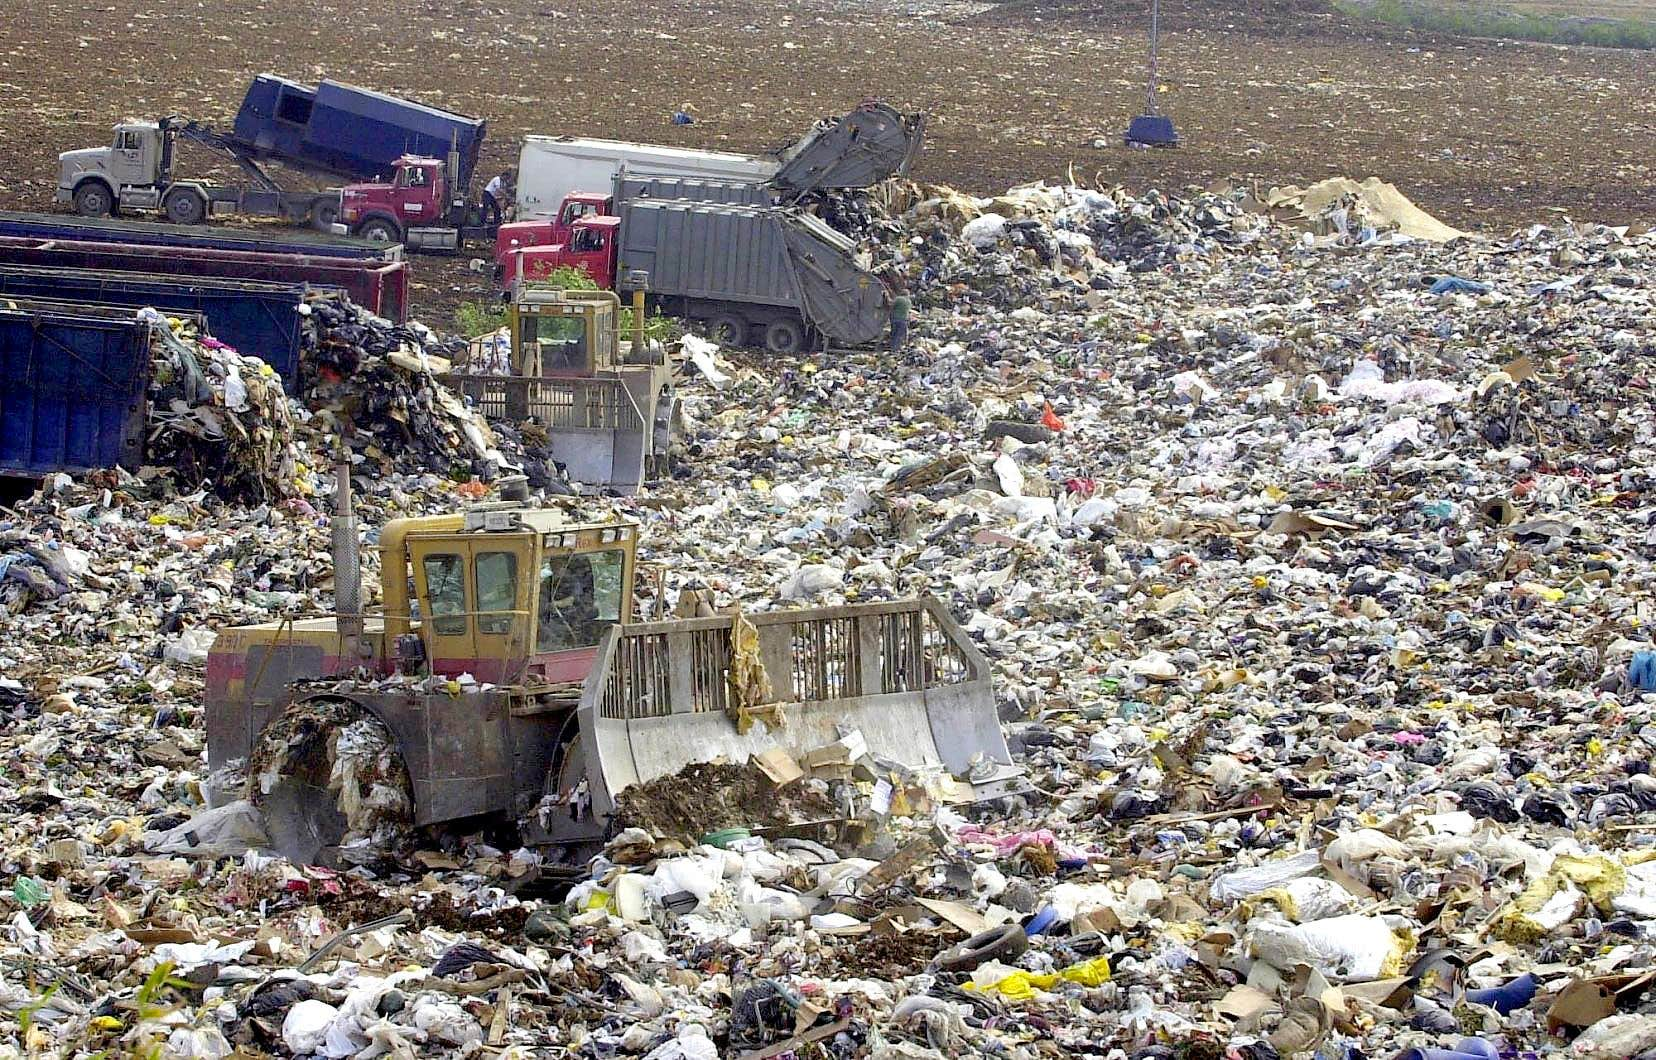 Selon les données de Recyc-Québec, les Québécois ont généré 697 kilogrammes de déchets par habitant en 2018, alors que la moyenne se situait à 685 kilogrammes en 2015.